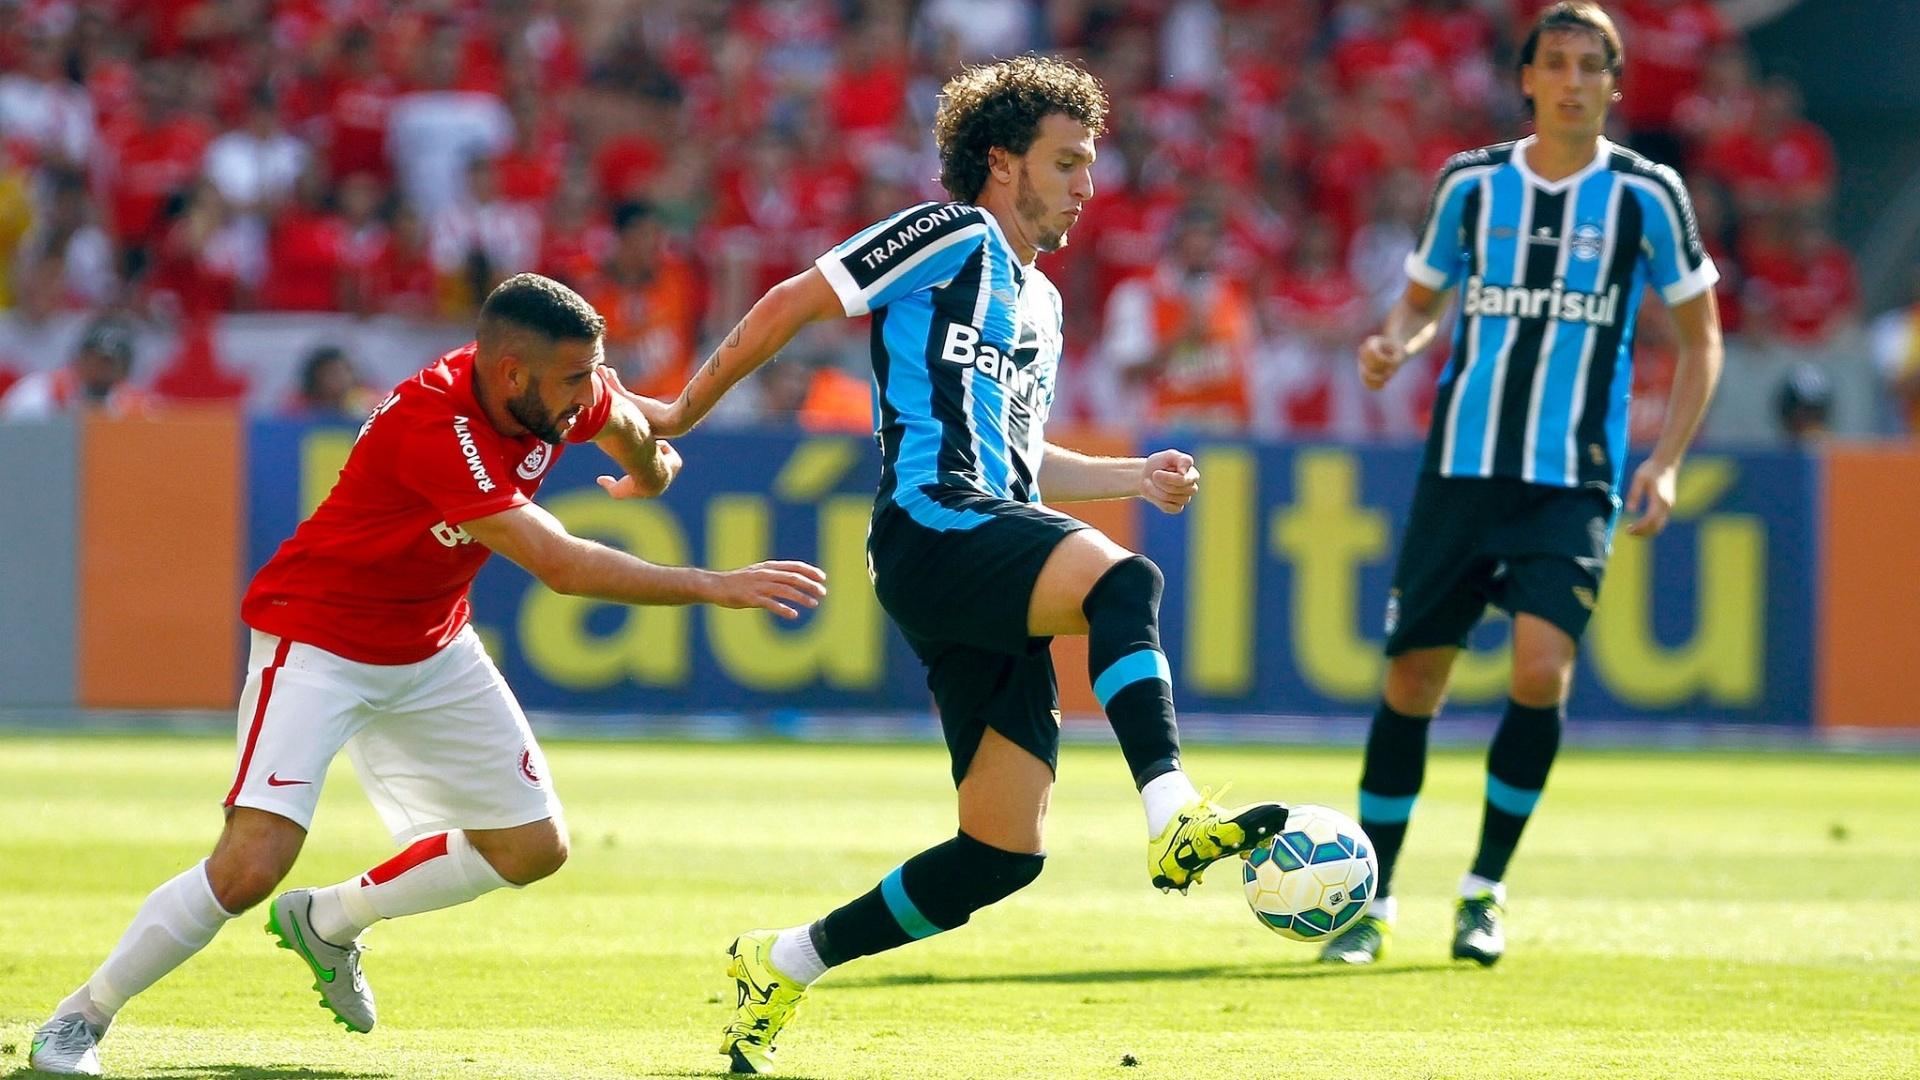 Galhardo tenta armar a jogada para o Grêmio contra o Internacional, no Brasileirão